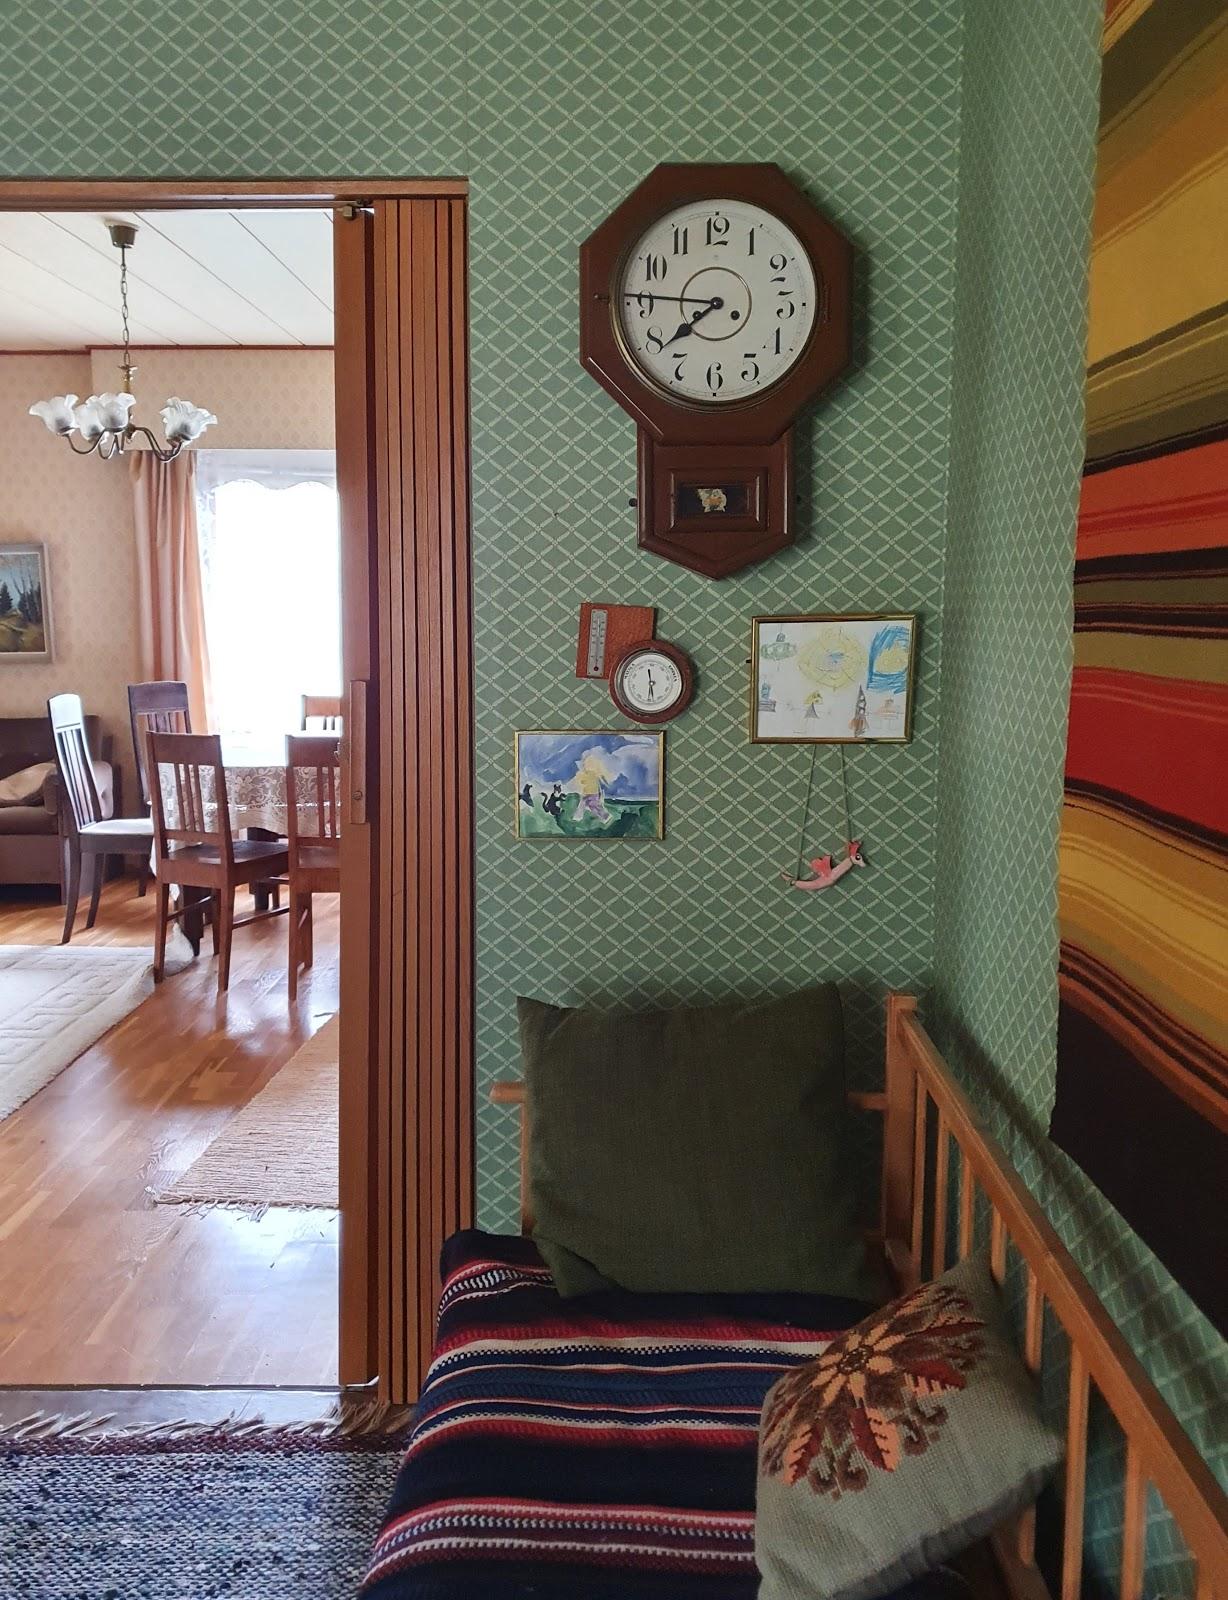 seinäkello ja piirroksia seinällä, taustalla olohuone